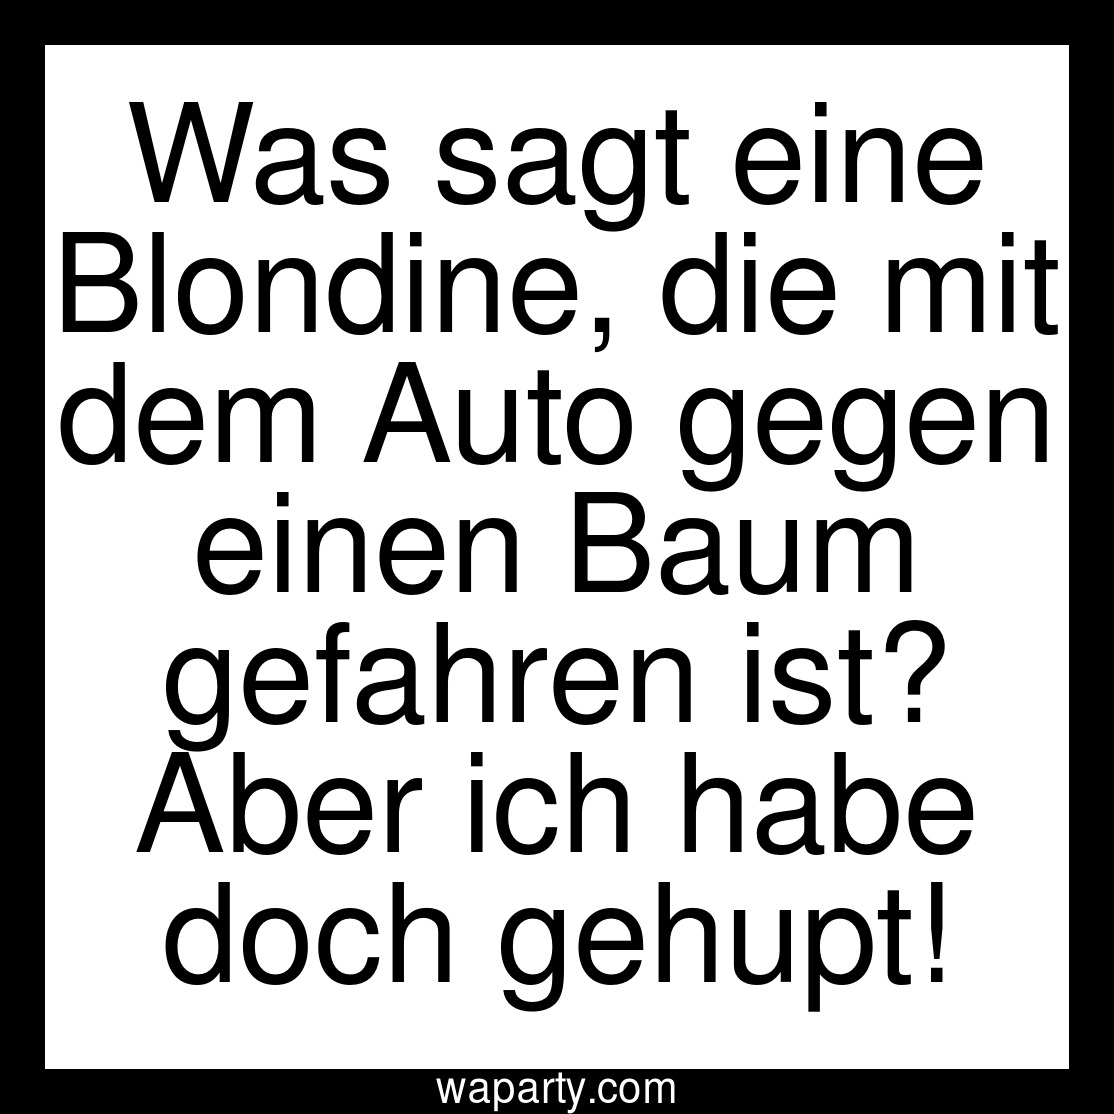 Was sagt eine Blondine, die mit dem Auto gegen einen Baum gefahren ist? Aber ich habe doch gehupt!